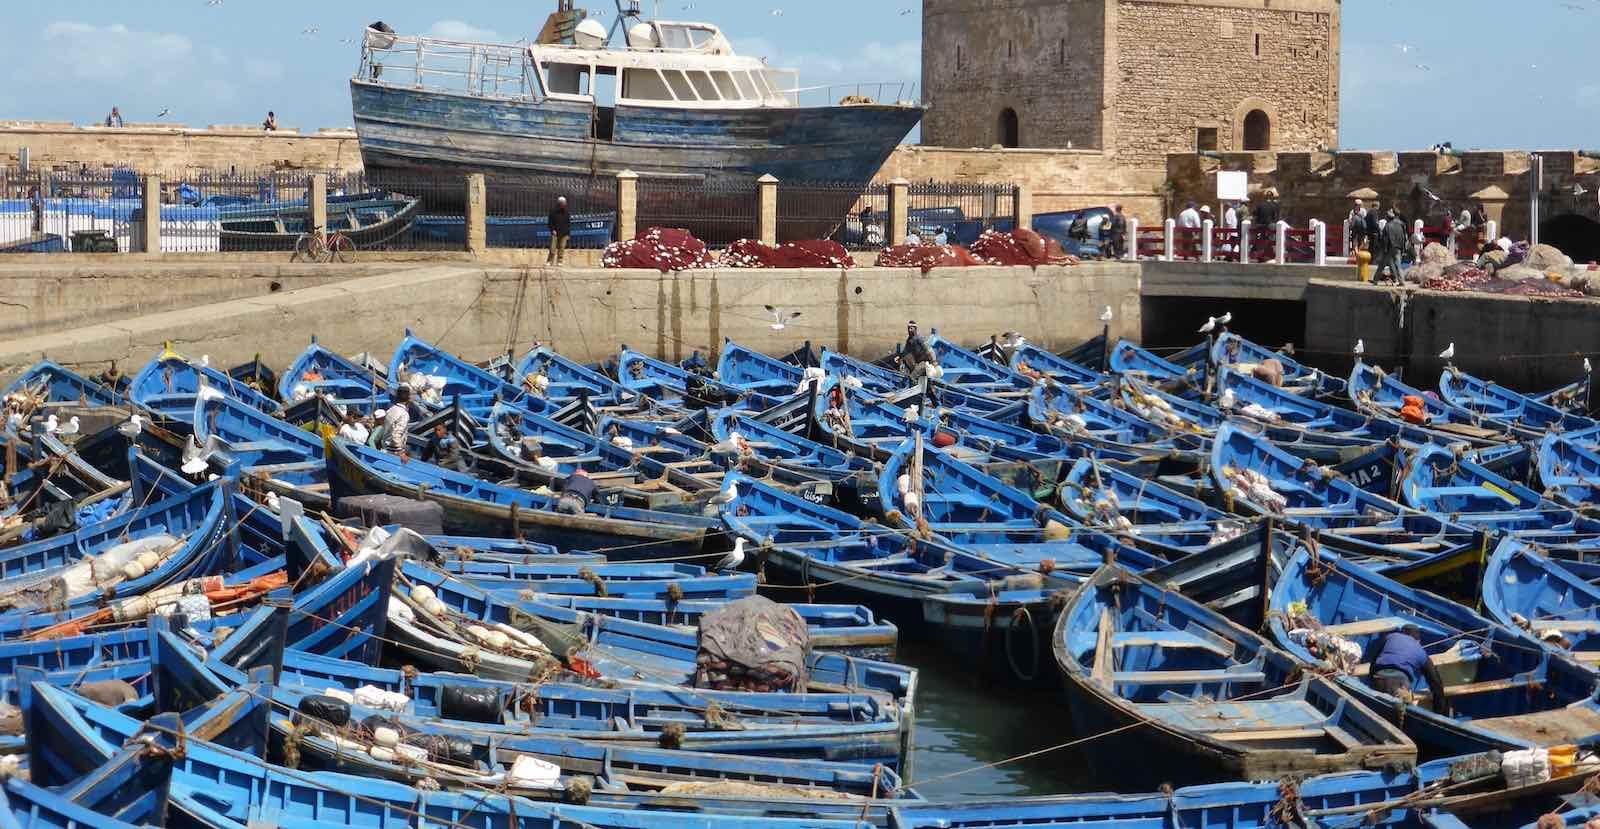 A crowed port (Photo: tjabeljan/Flickr)